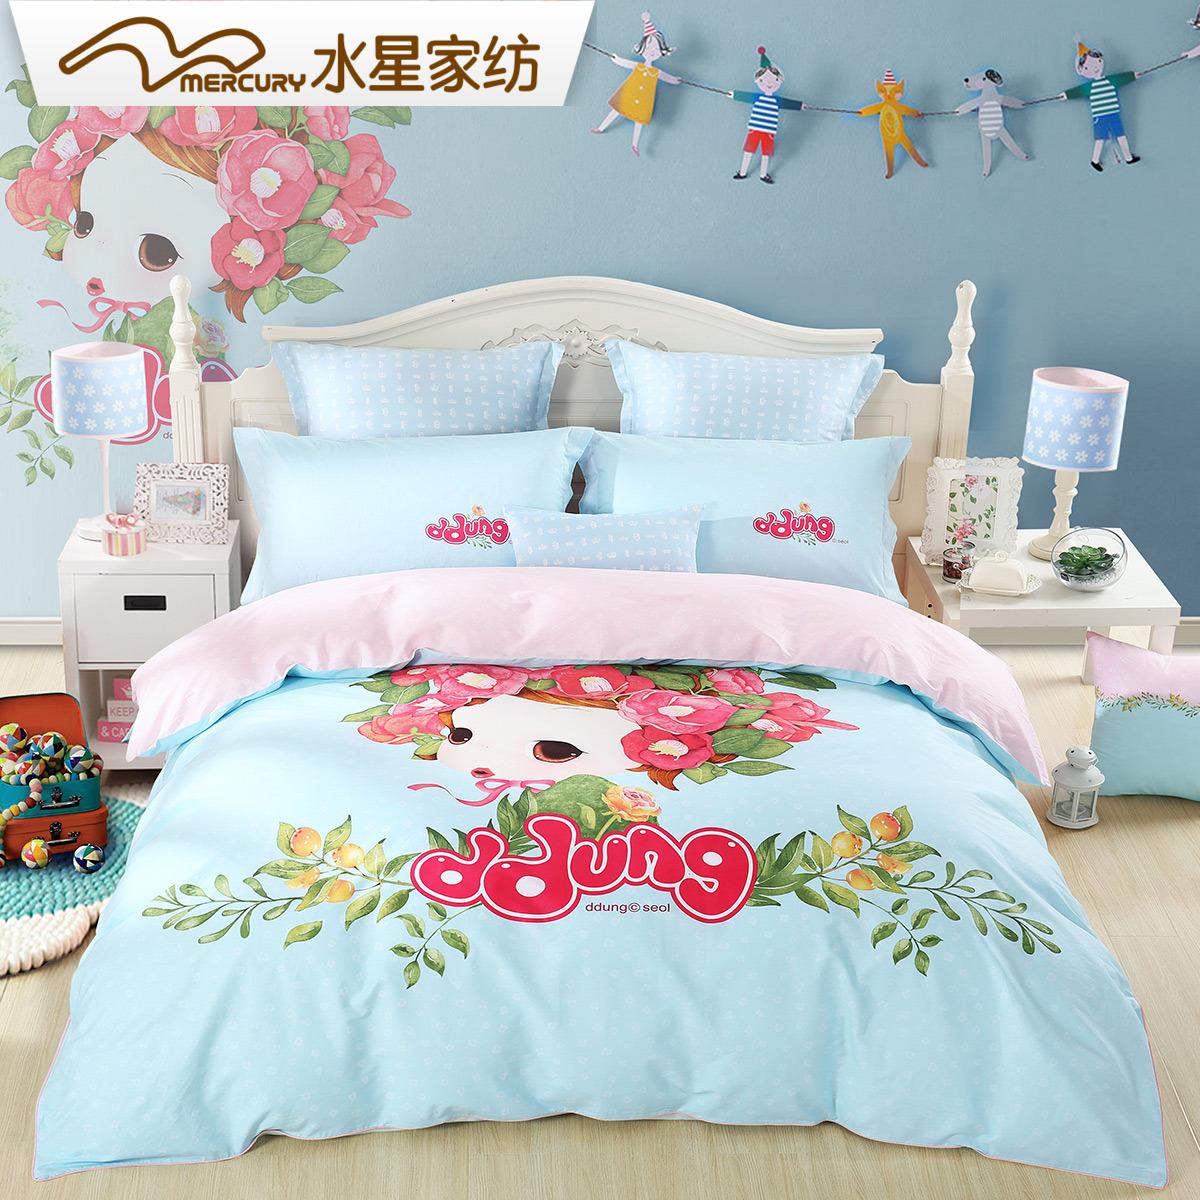 水星家纺全棉儿童四件套纯棉女孩卡通床上用品床单被套冬己花冠